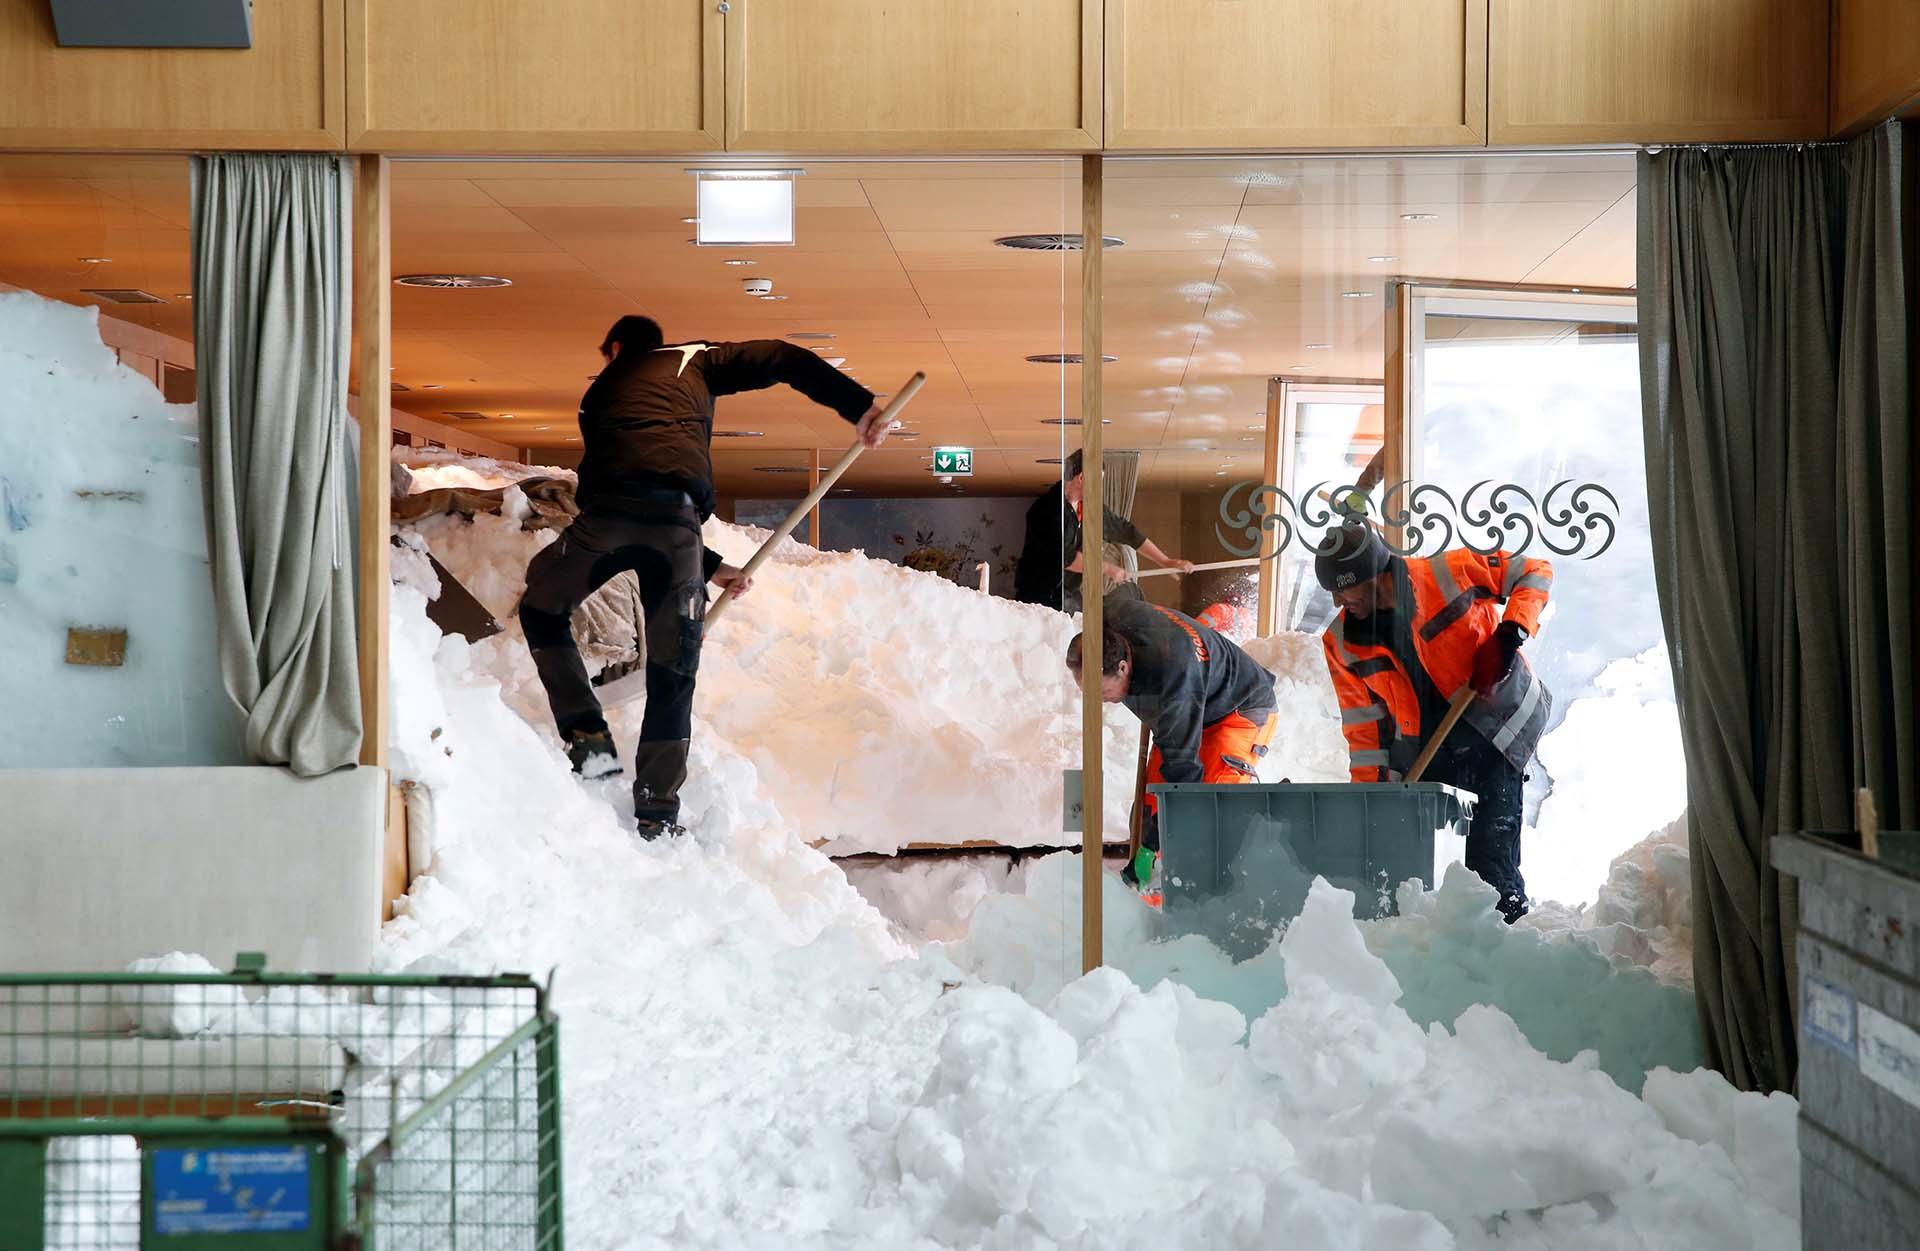 Trabajadores sacan nieva de dentro de un restaurante en Suiza (REUTERS/Arnd Wiegmann TPX)